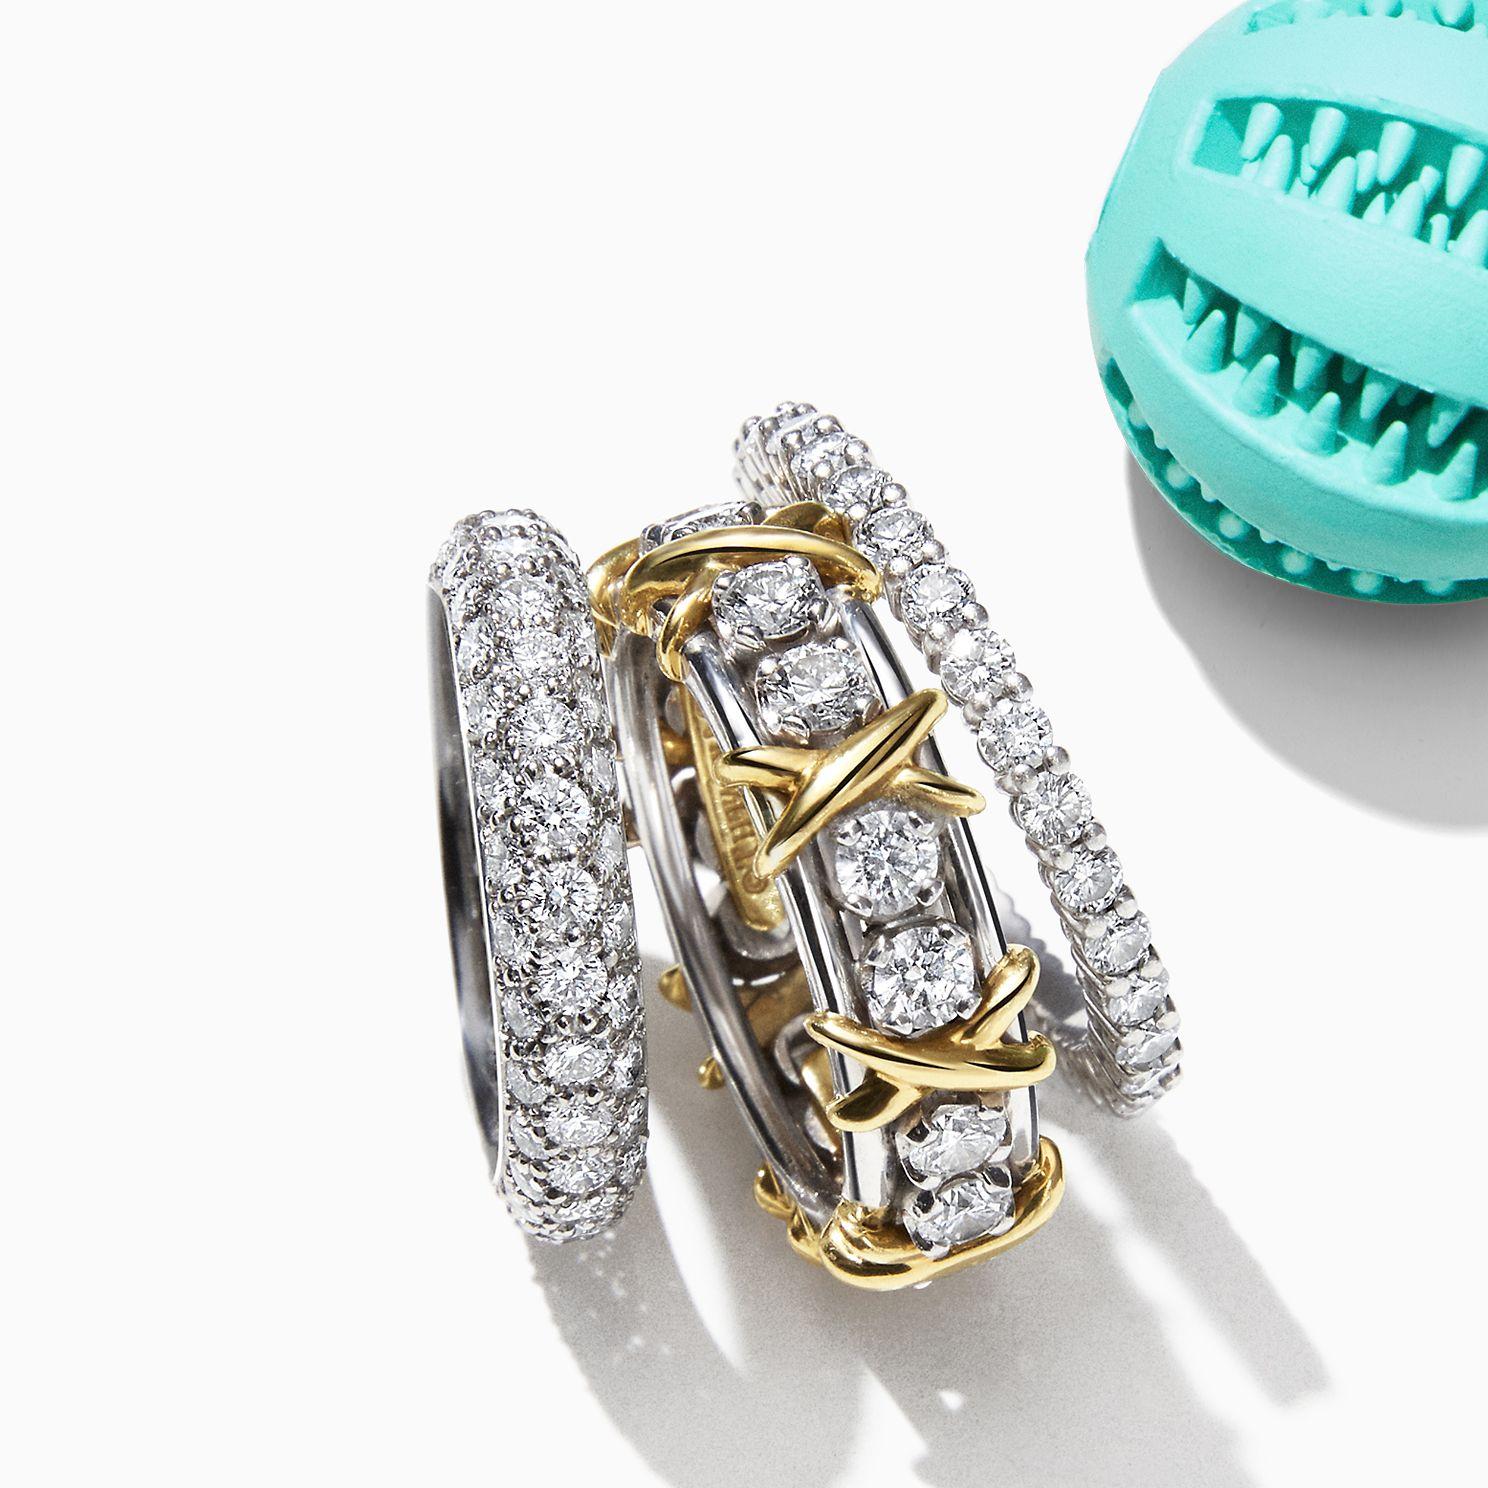 Tiffany Celebration Anniversary Rings Tiffany Co